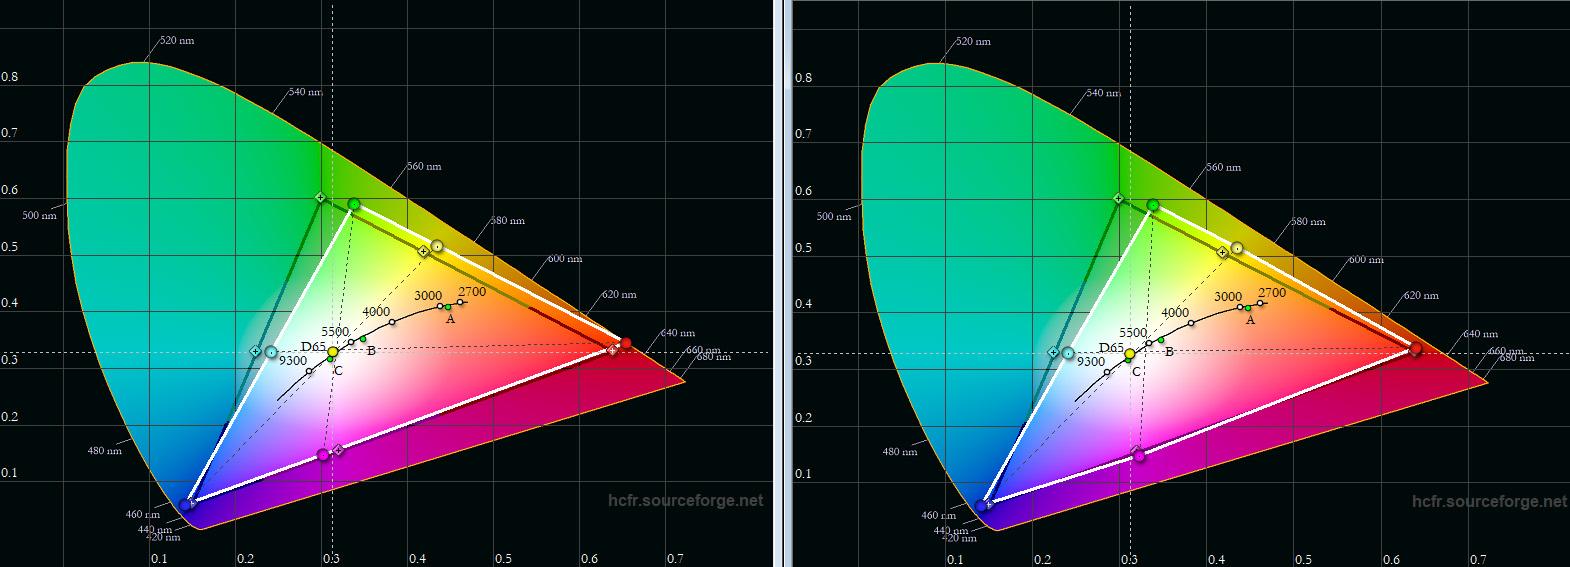 Farbraum Rec.709 Wie in der Regel üblich bei Projektoren, die konsequent auf Helligkeit getrimmt sind, ist das Grüne Farbspektrum limitiert. In der Werkseinstellung (links) weicht Grün von der Vorgabe (schwarzes Dreieck) ein wenig ab. Die Messung zeigt (weißes Dreieck), dass Grün in Richtung Gelb verschoben ist. Die übrigen Farben kommen ihren Vorgaben hingegen nahe. Nach der Kalibrierung (rechtes Diagramm) liegt vor allem Rot deutlich besser im Soll. Grün lässt sich aus physikalischen Gründen nicht näher an seine Sollposition verschieben.